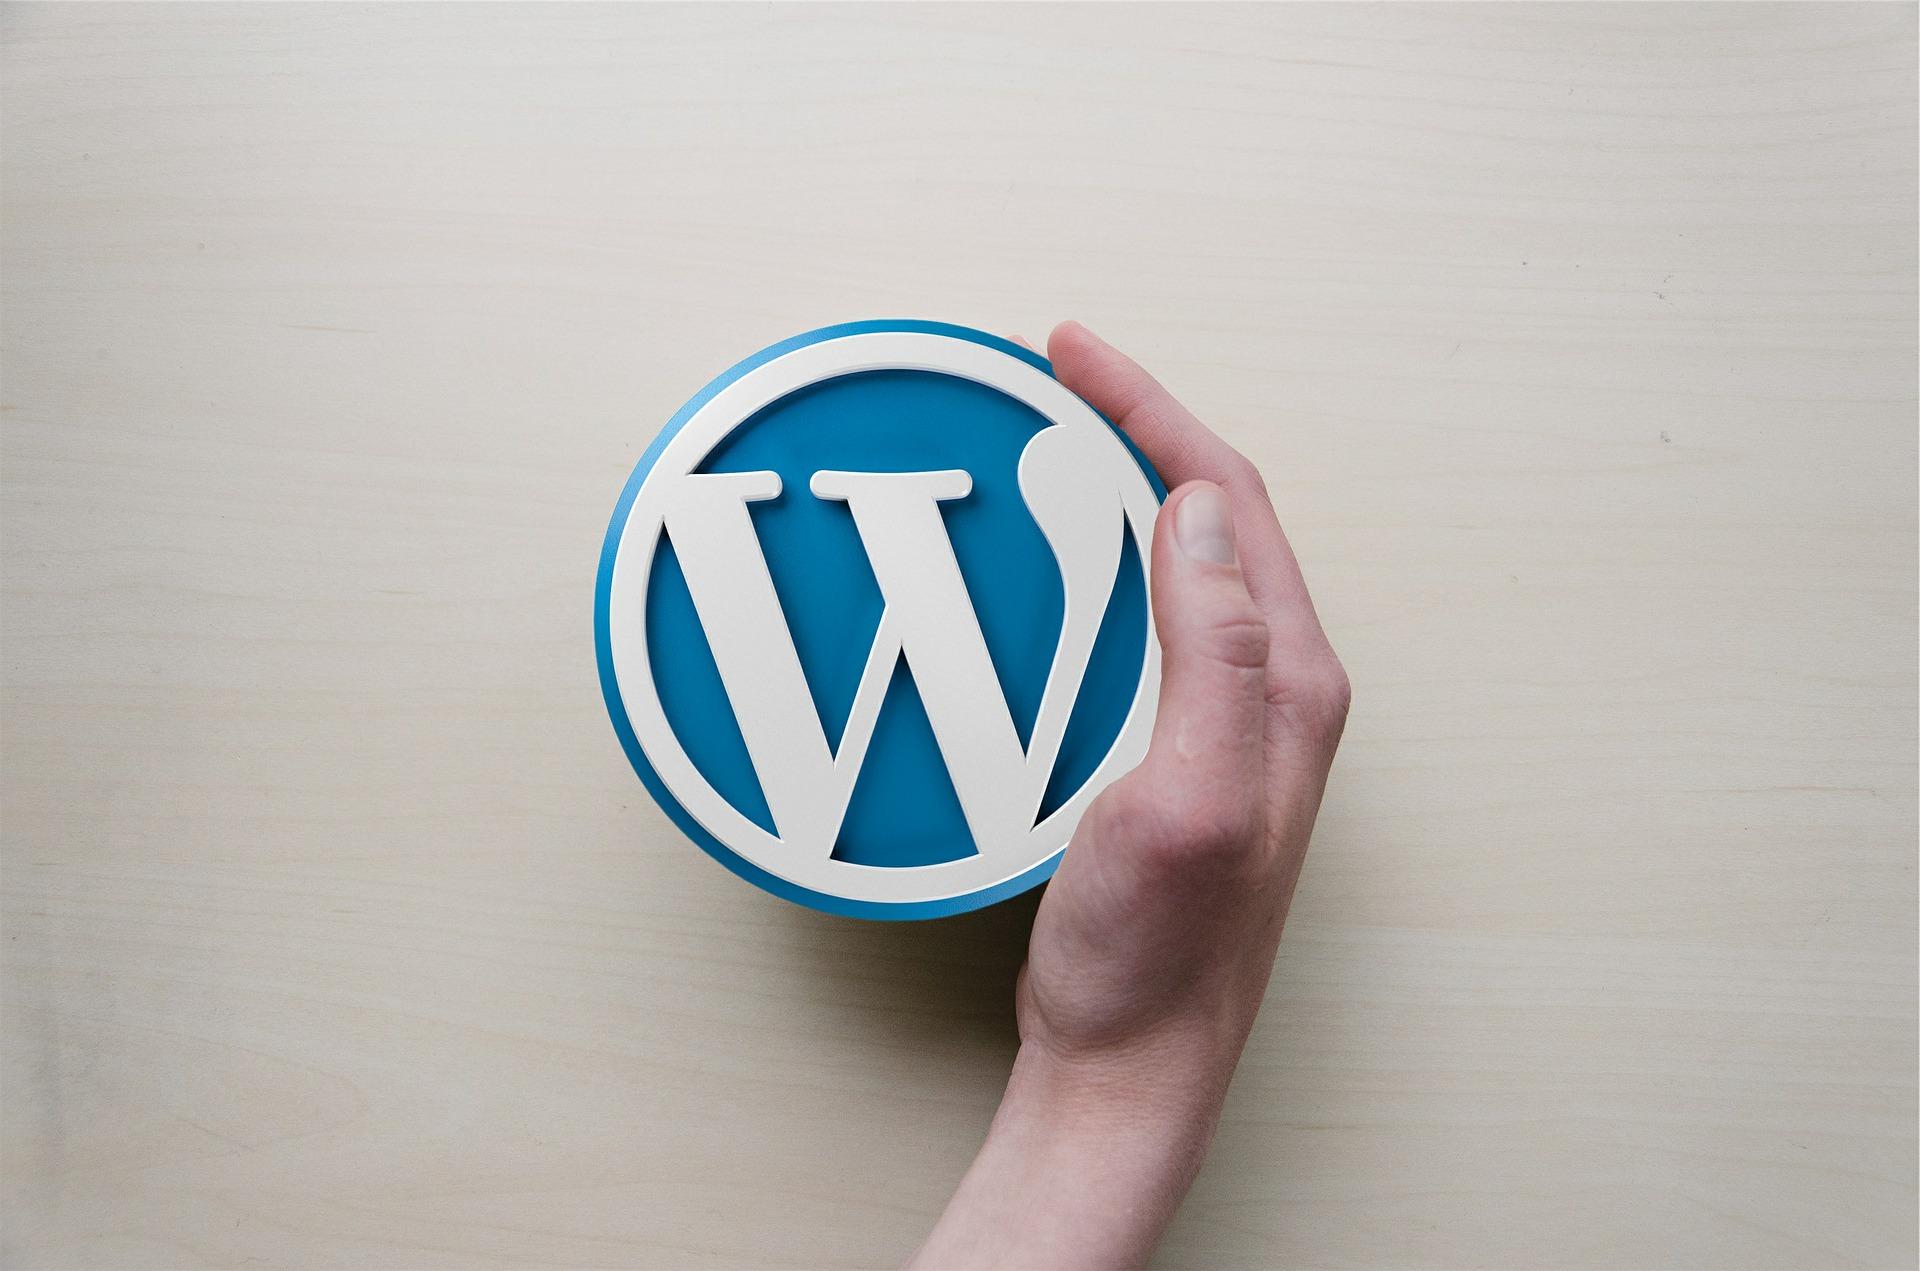 【初心者向け】WordPressをインストールする方法